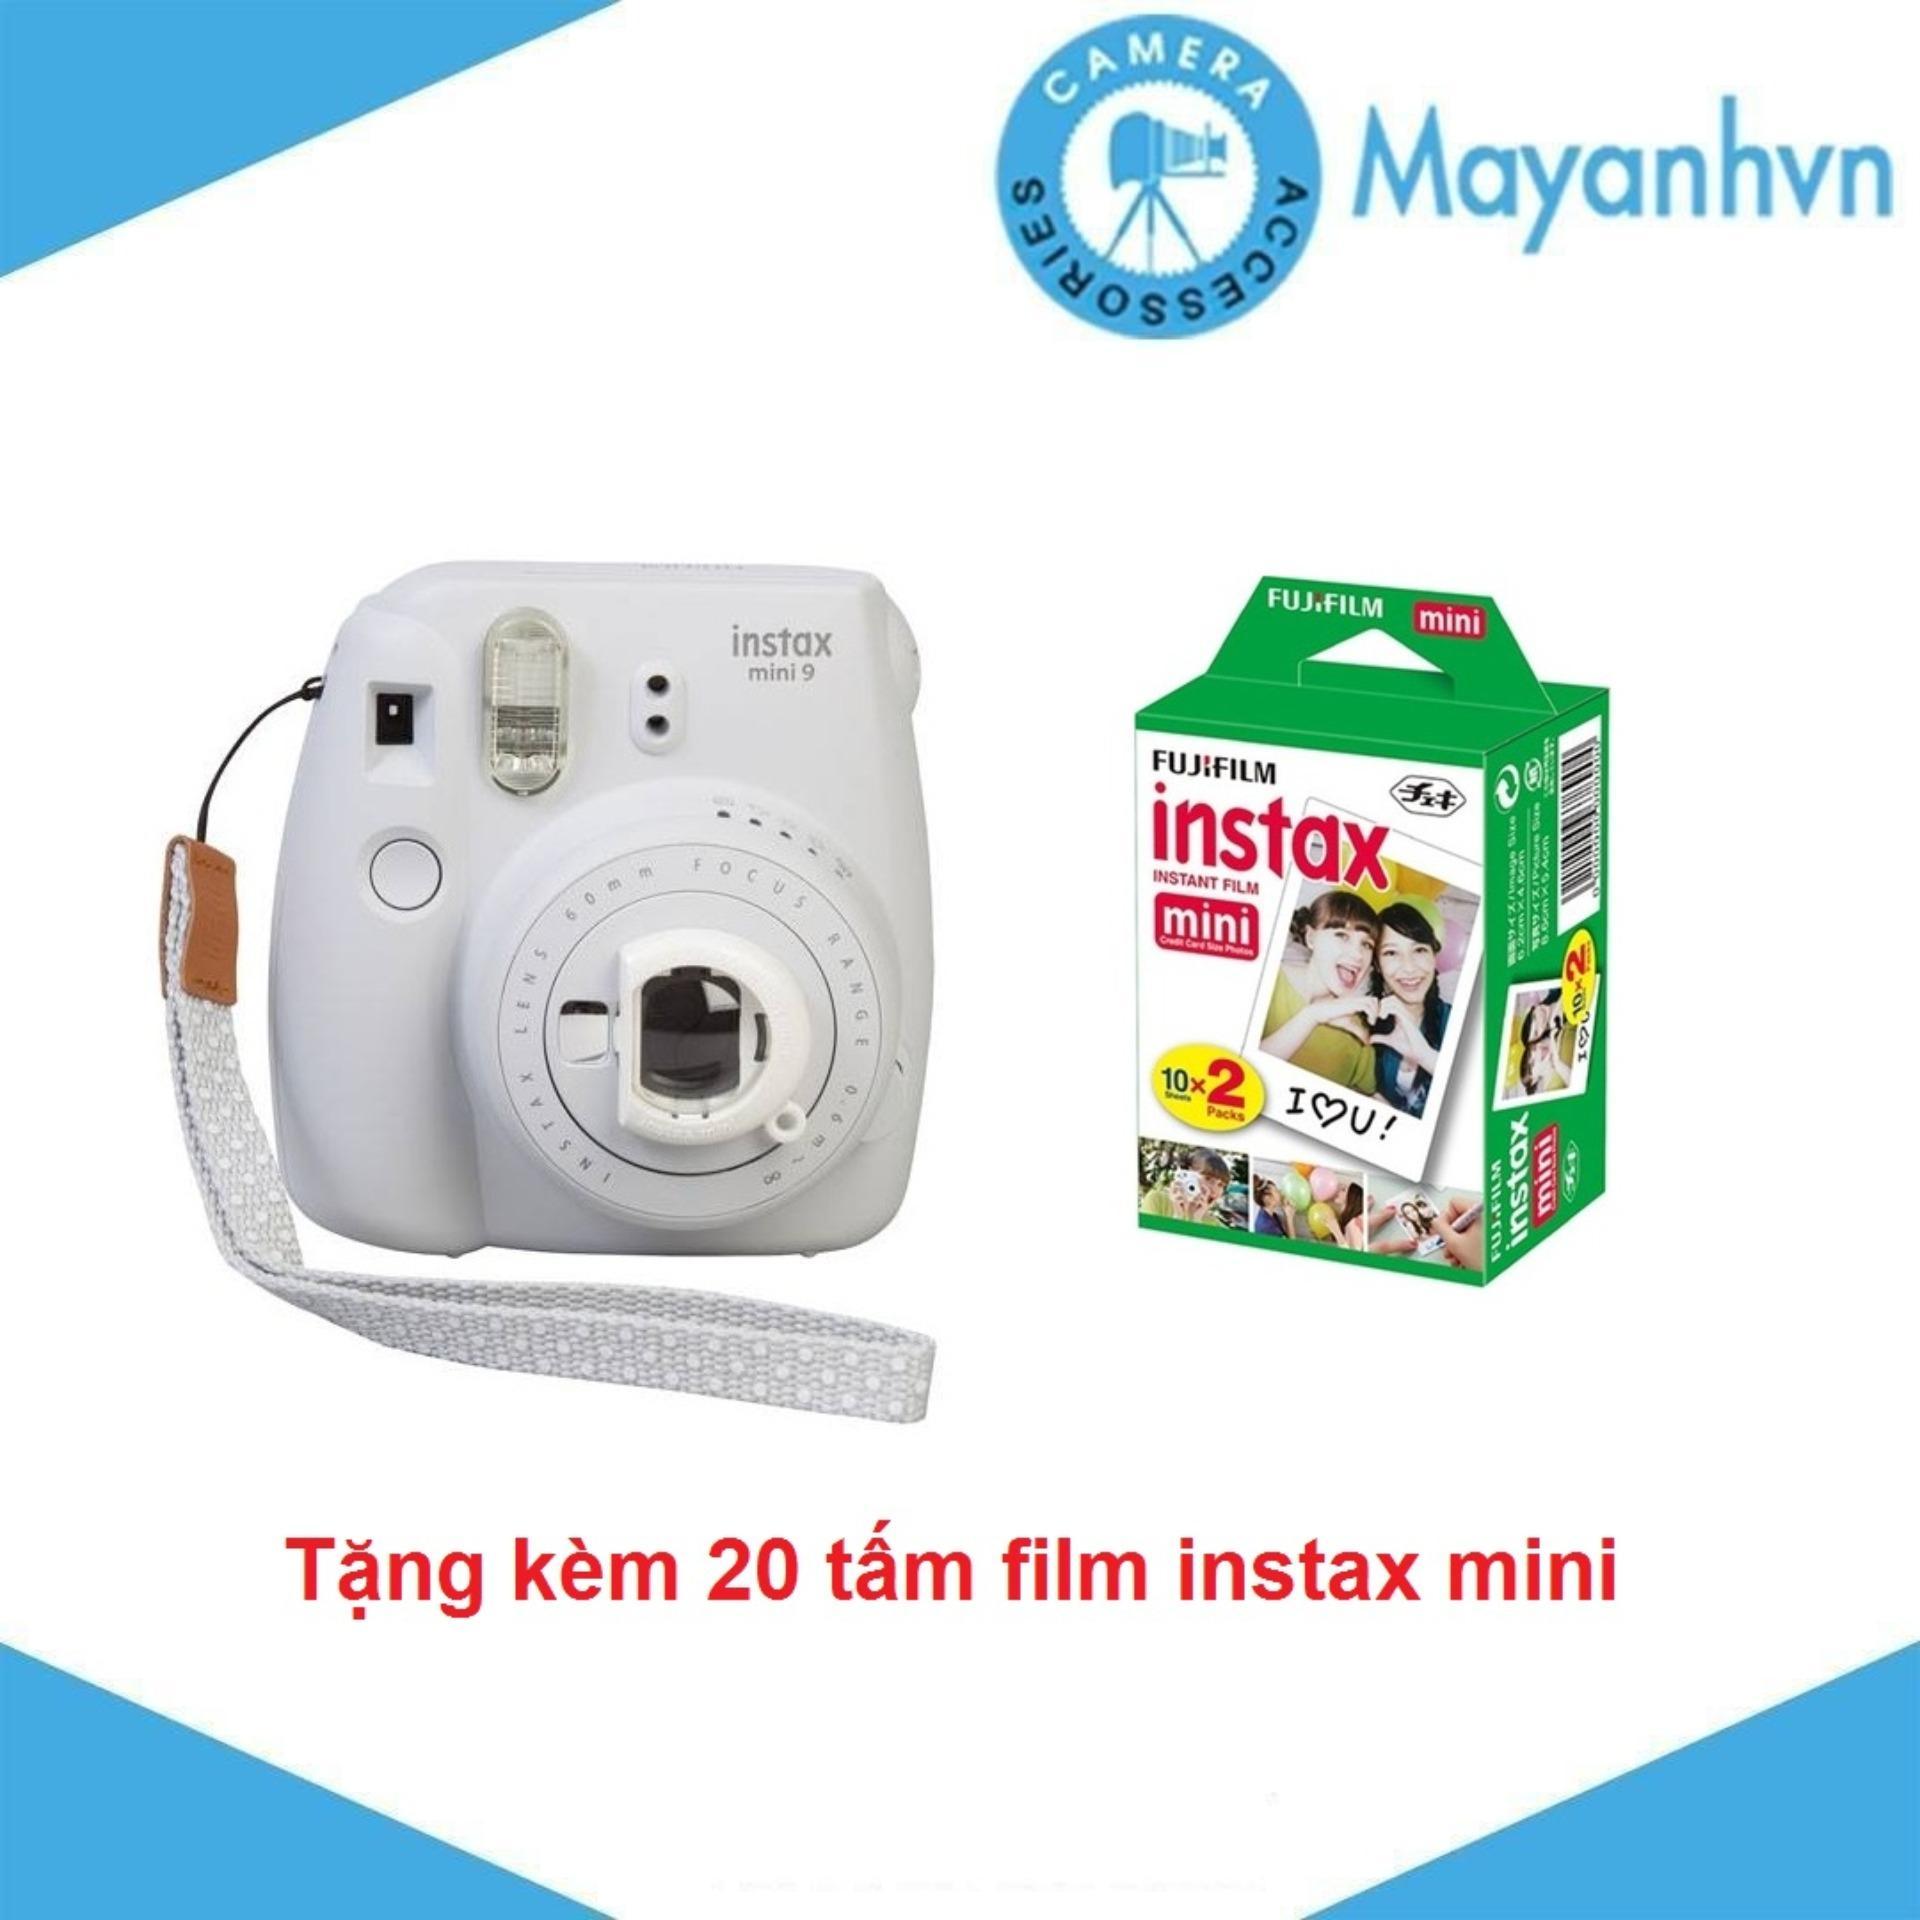 Máy chụp ảnh lấy ngay Fujifilm Instax mini 9 - Tặng kèm 2 hộp giấy in FujiFilm 10 tấm - Hãng phân phối chính thức.